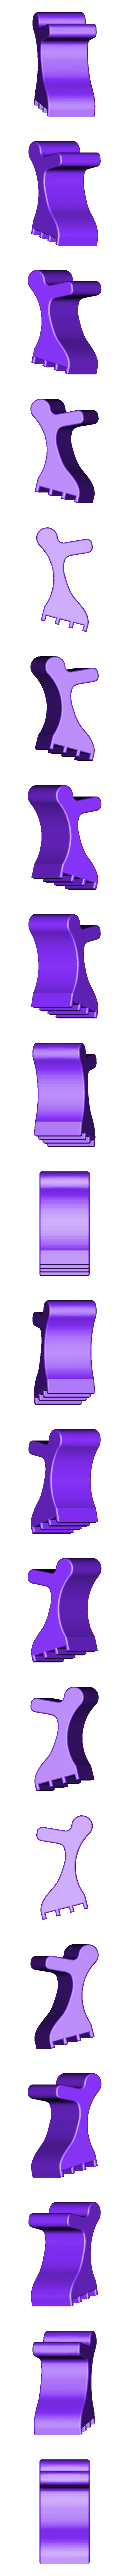 02-X-Carriage-Belt-Lock-v1.stl Télécharger fichier STL gratuit Tevo Tarantula Direct E3D Titan X-Carriage • Design pour impression 3D, theFPVgeek